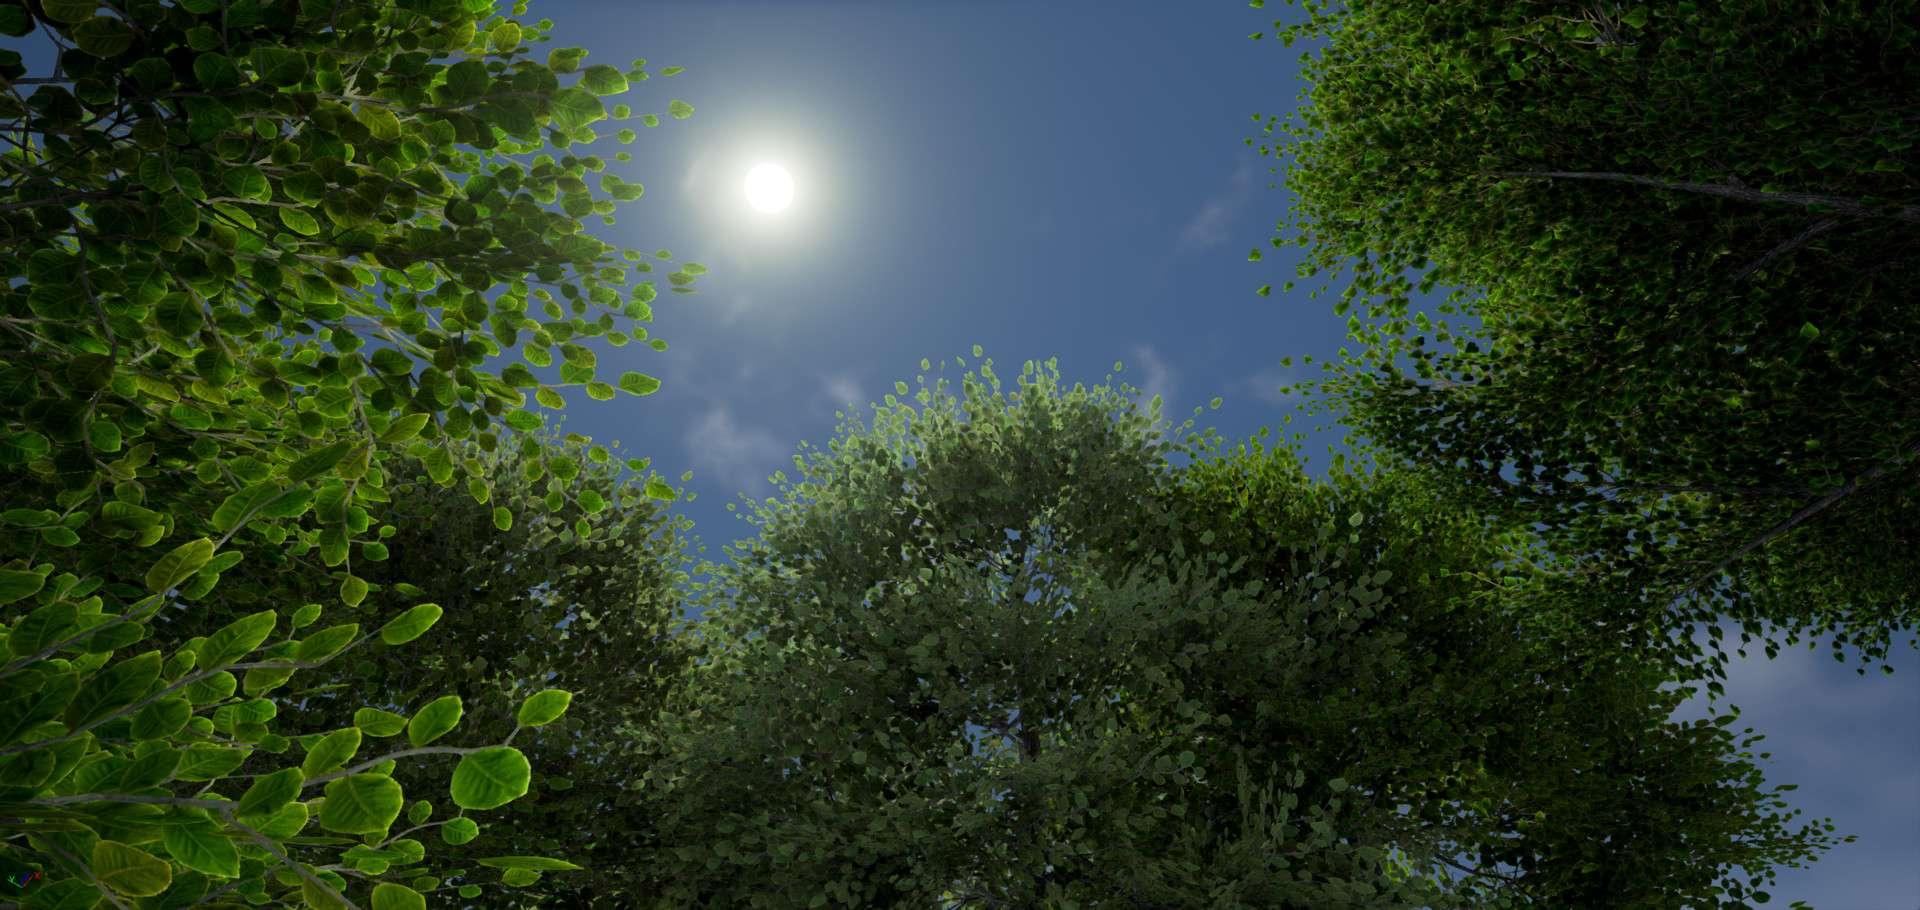 Пак дерев від Lluis Garcia